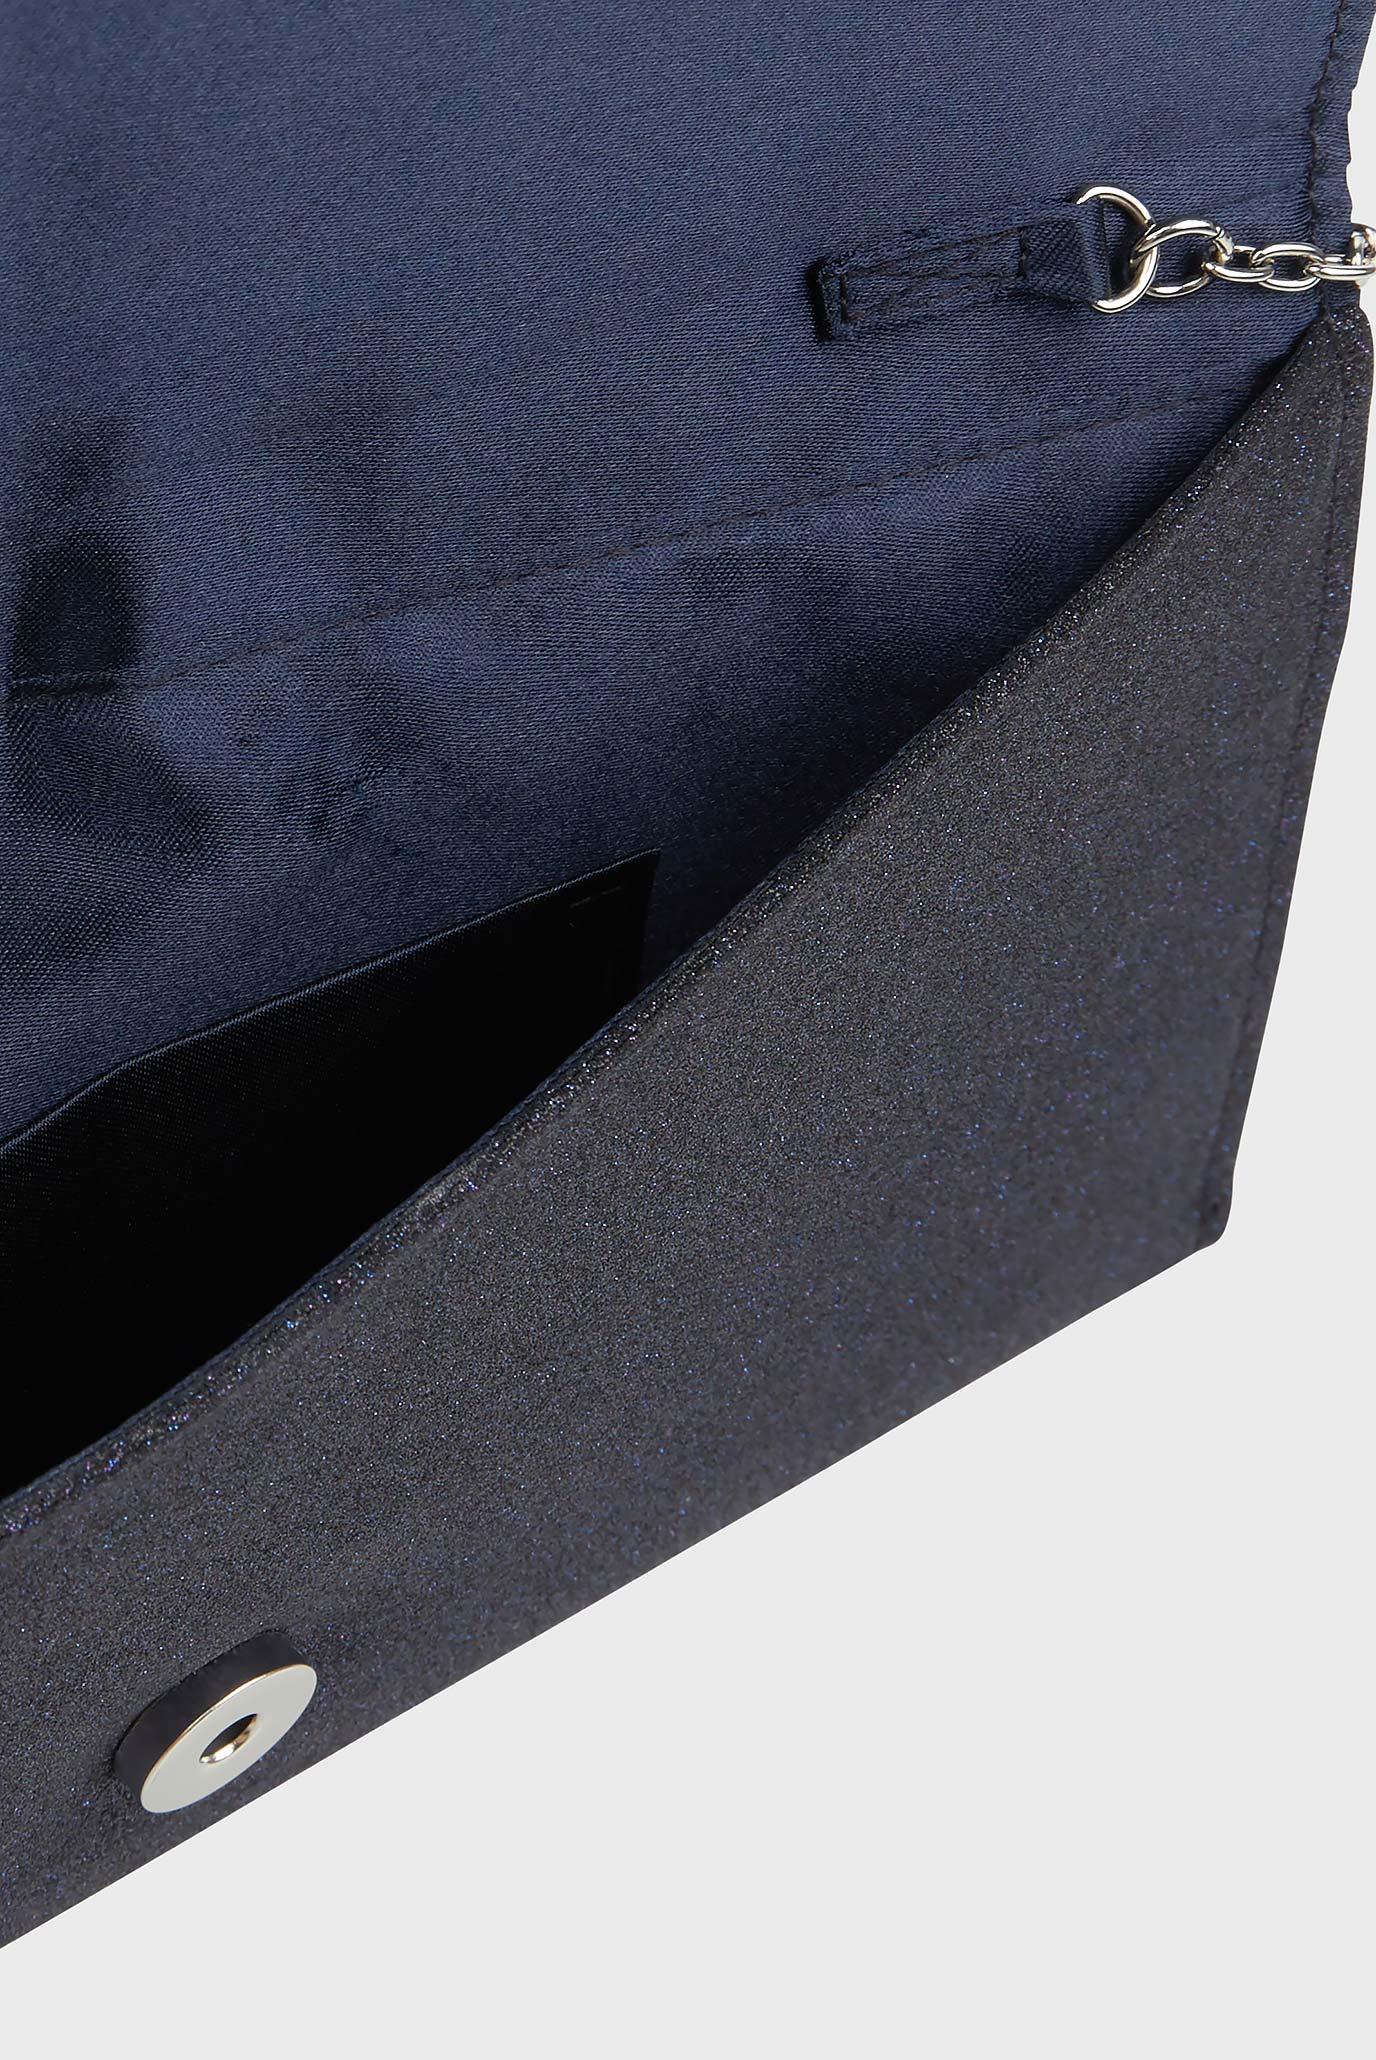 Купить Женский синий клатч KELLY GLITTER CLUTCH Accessorize Accessorize 589809 – Киев, Украина. Цены в интернет магазине MD Fashion